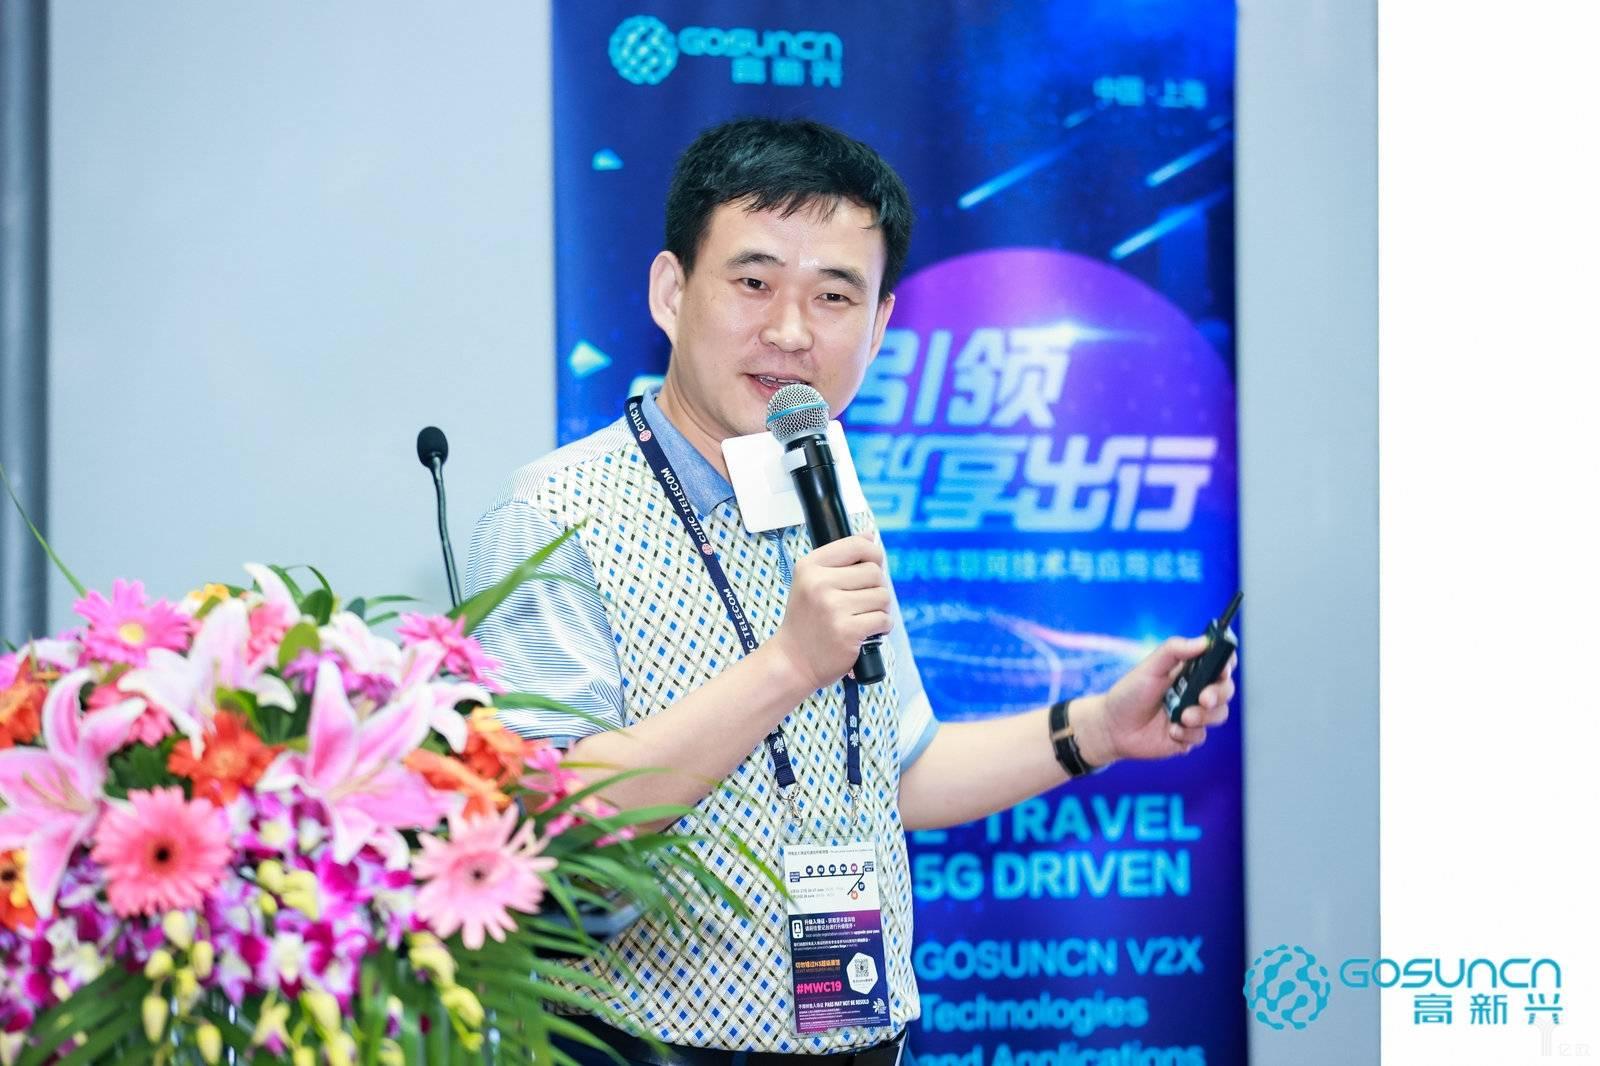 北京航空航天大学交通科学与工程学院教授田大新